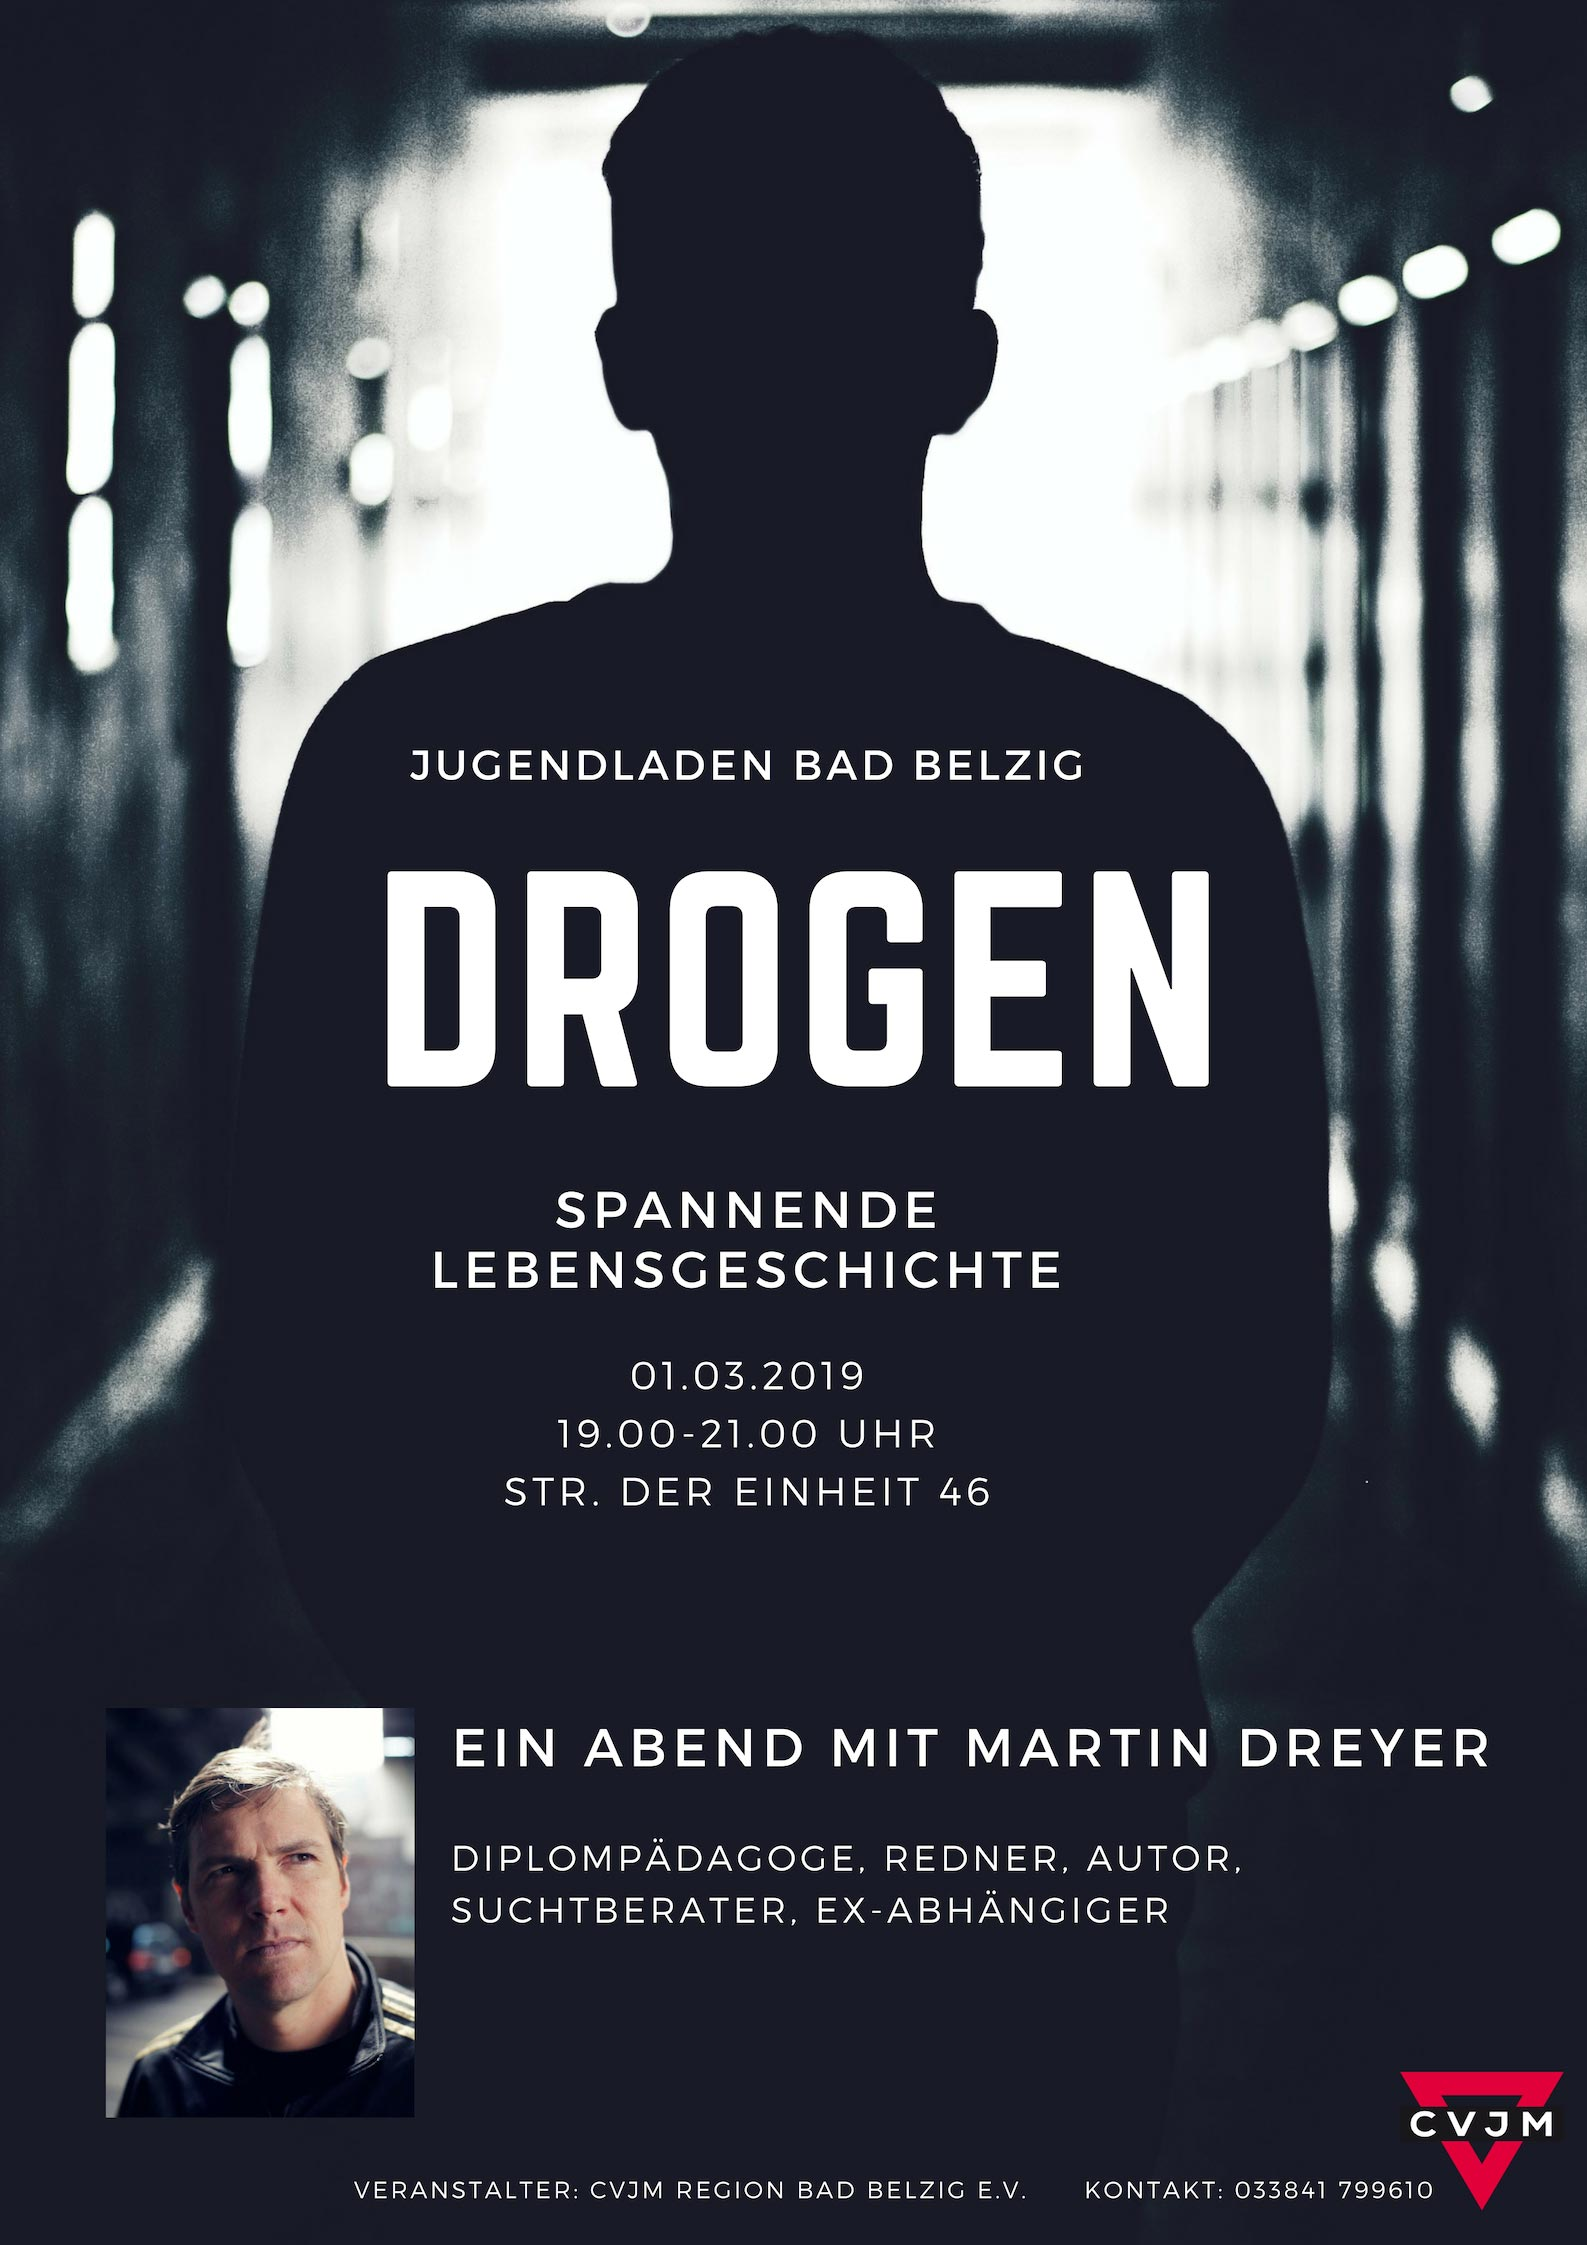 DROGEN – Infoabend des CVJM in Bad Belzig mit Martin Dreyer